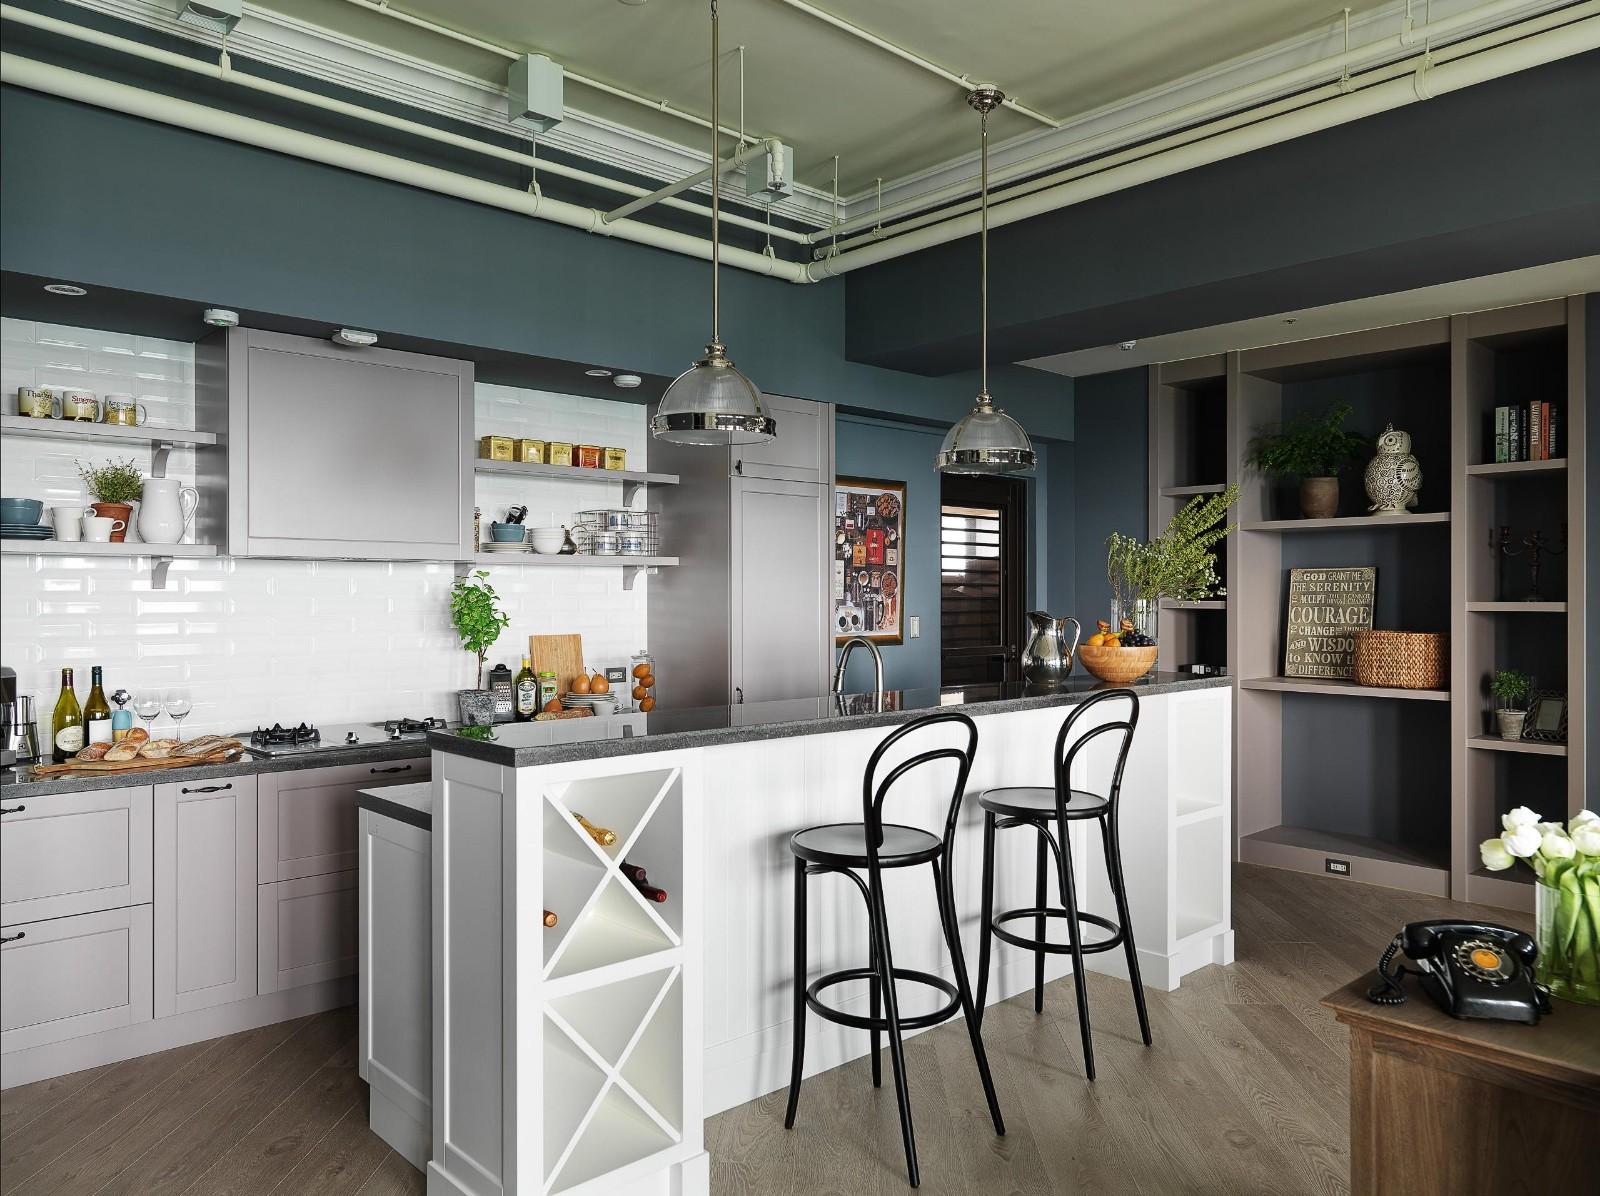 工业风格公寓厨房装修效果图